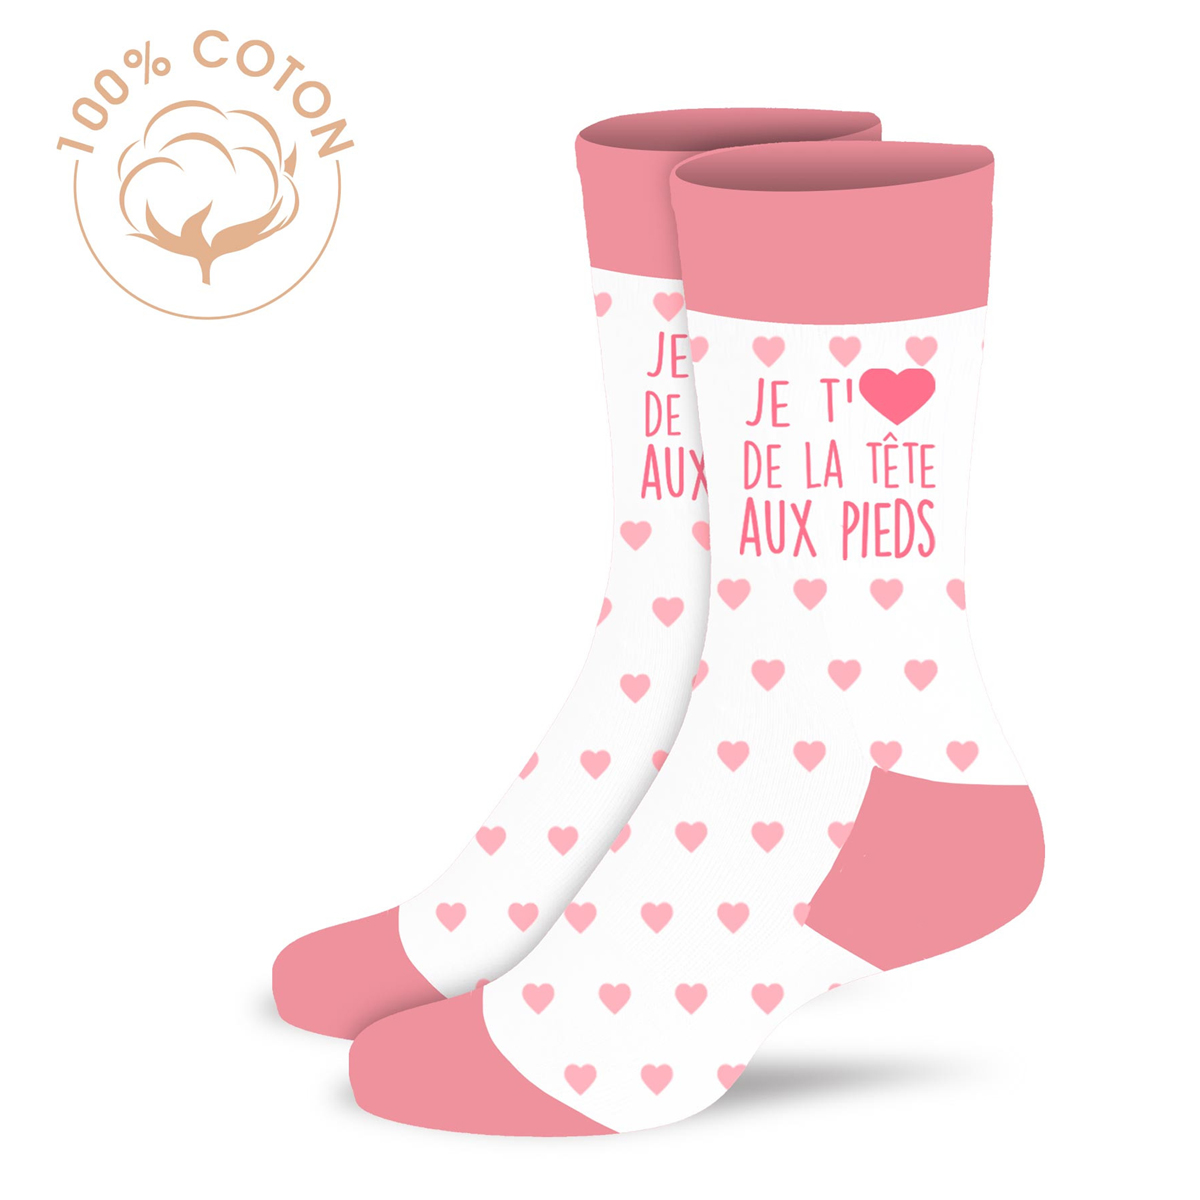 Chaussettes coton tendresse \'Je t\'aime de la tête aux pieds\' rose blanc - taille unique - [A2084]